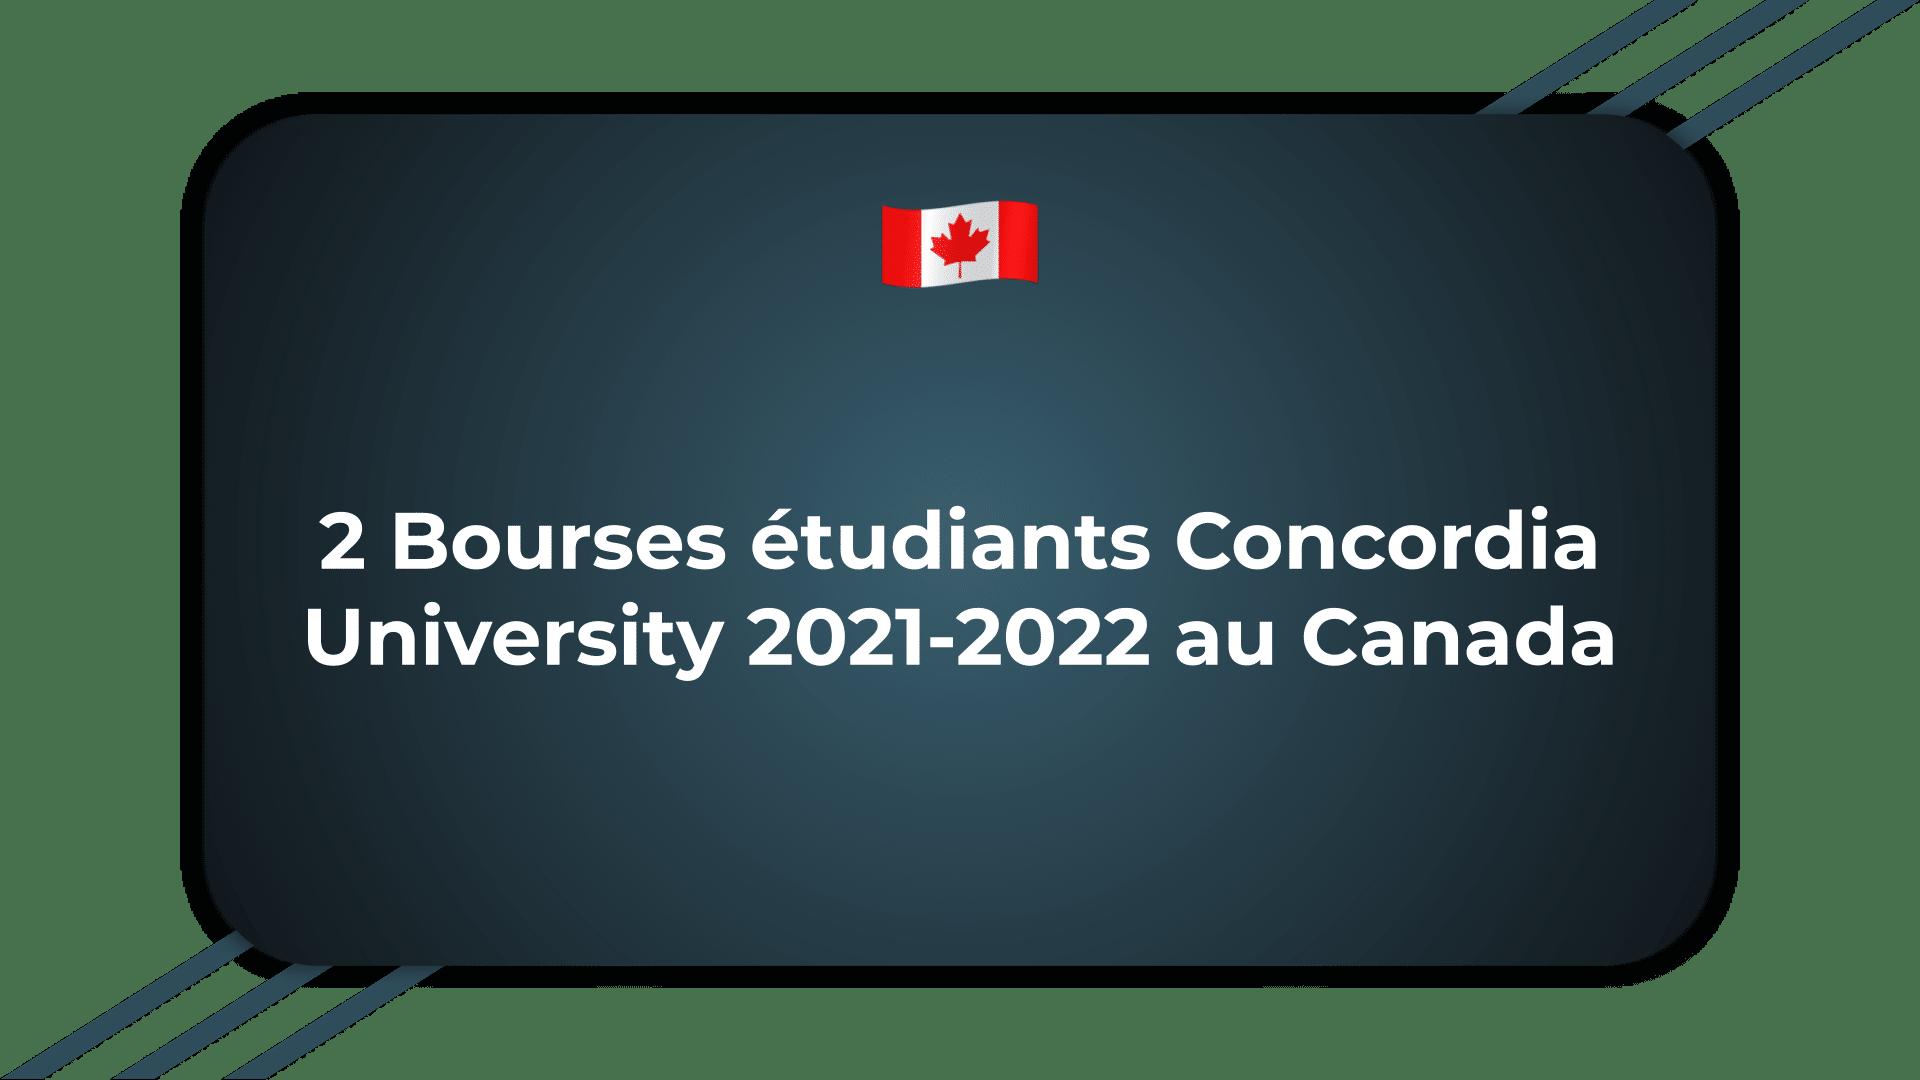 2 Bourses étudiants Concordia University